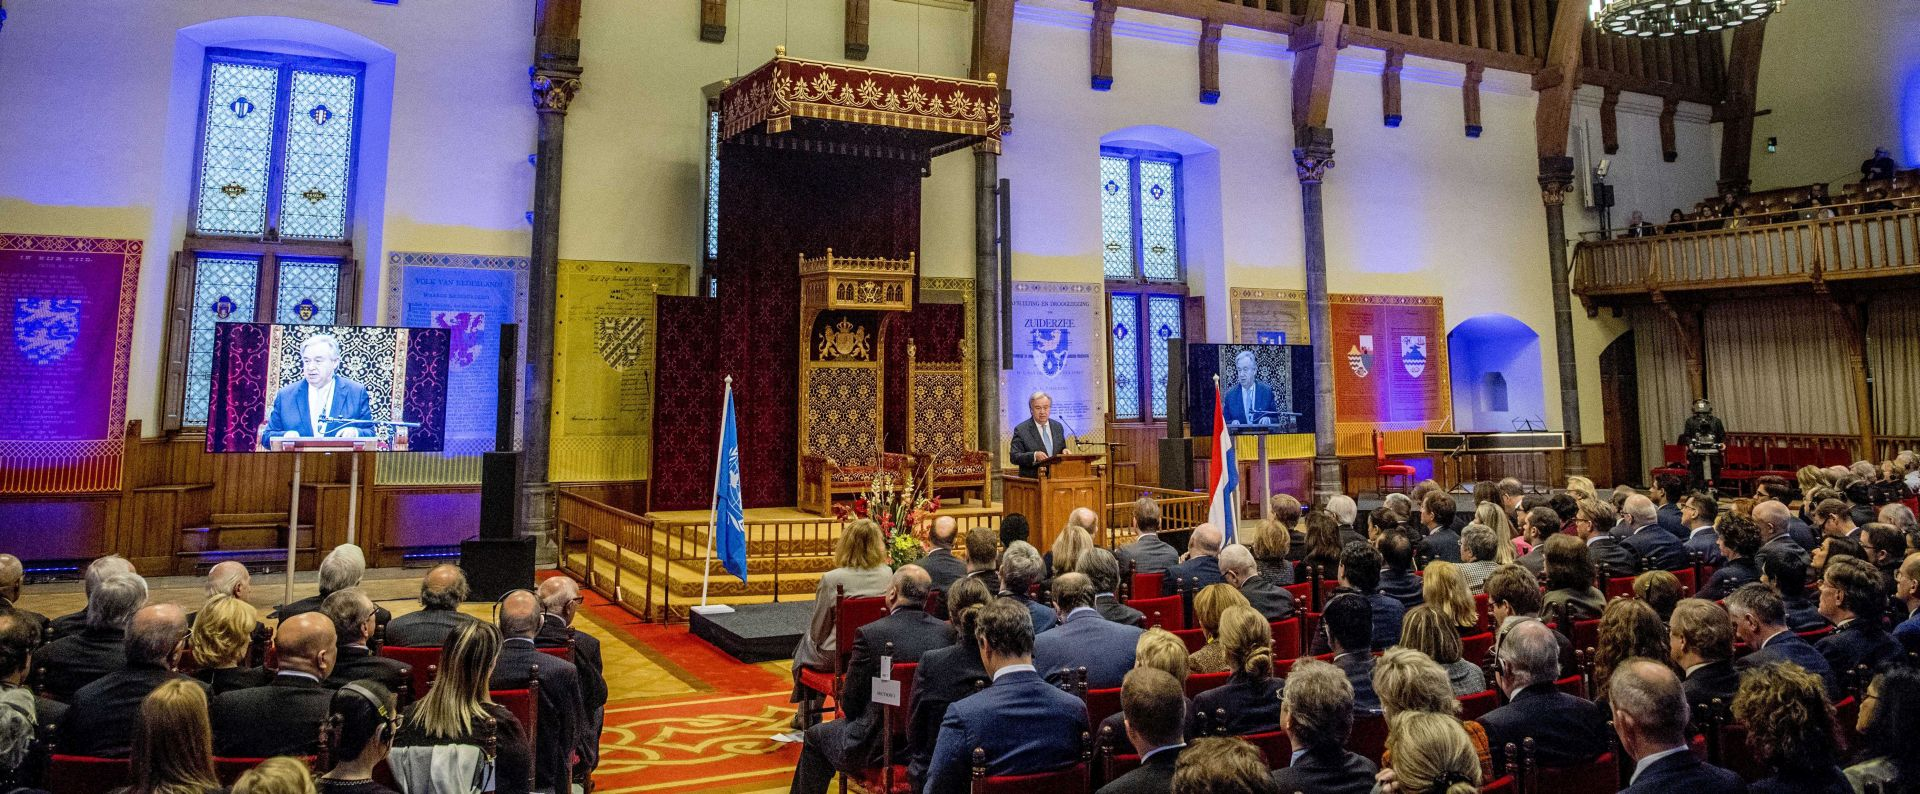 Pohvale na račun ICTY-a na svečanosti njegova zatvaranja